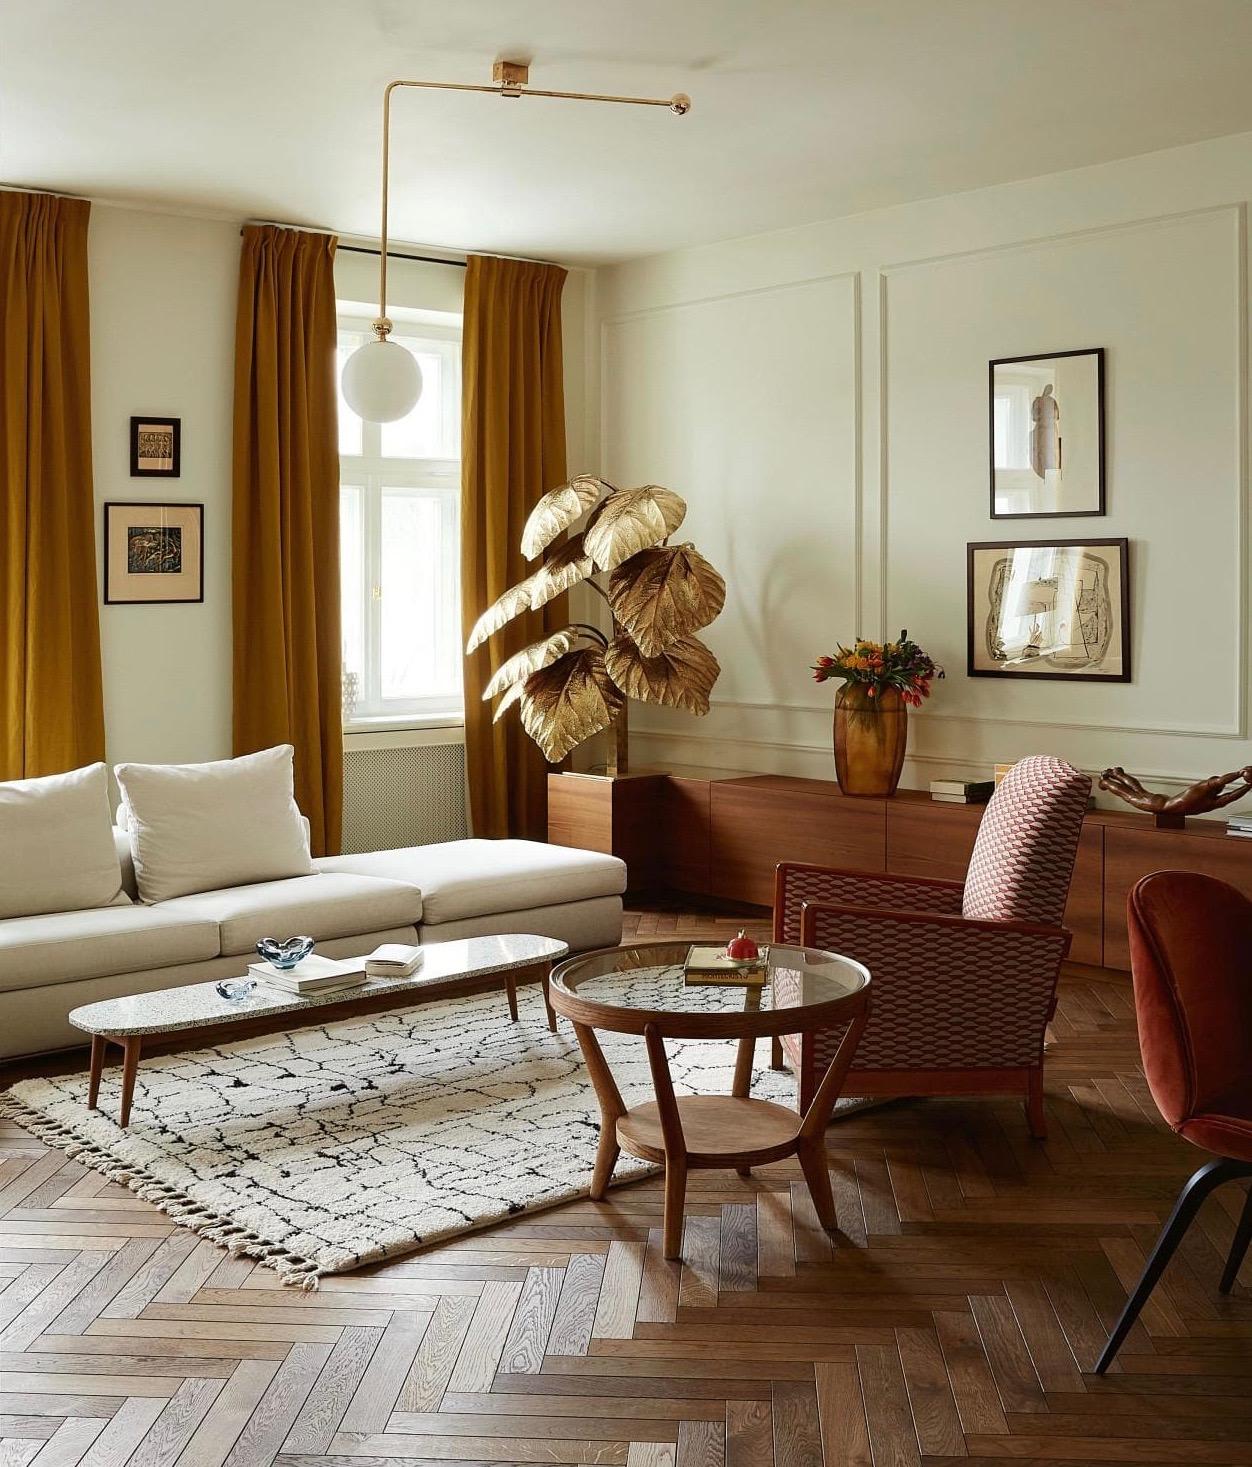 Interior design by  Marta Chrapka  via  This Is Glamorous .